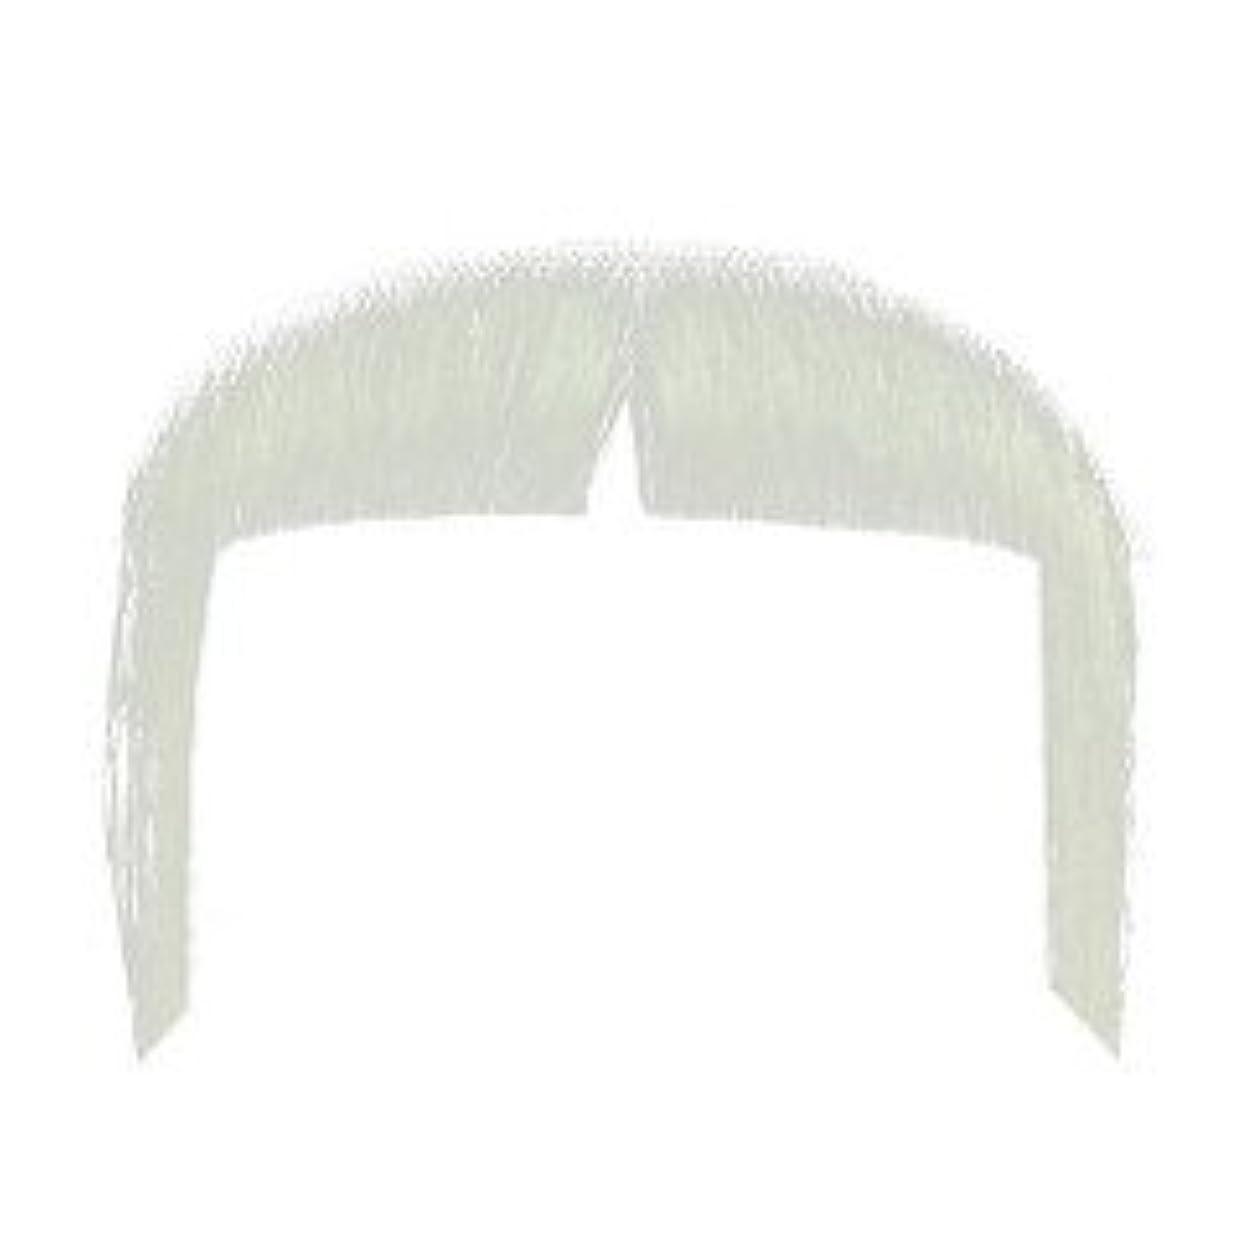 量で放散する鎖Remeehi つけひげ ヒゲ 男女用 濃密 メイクアップ 演出 道具 ホワイト